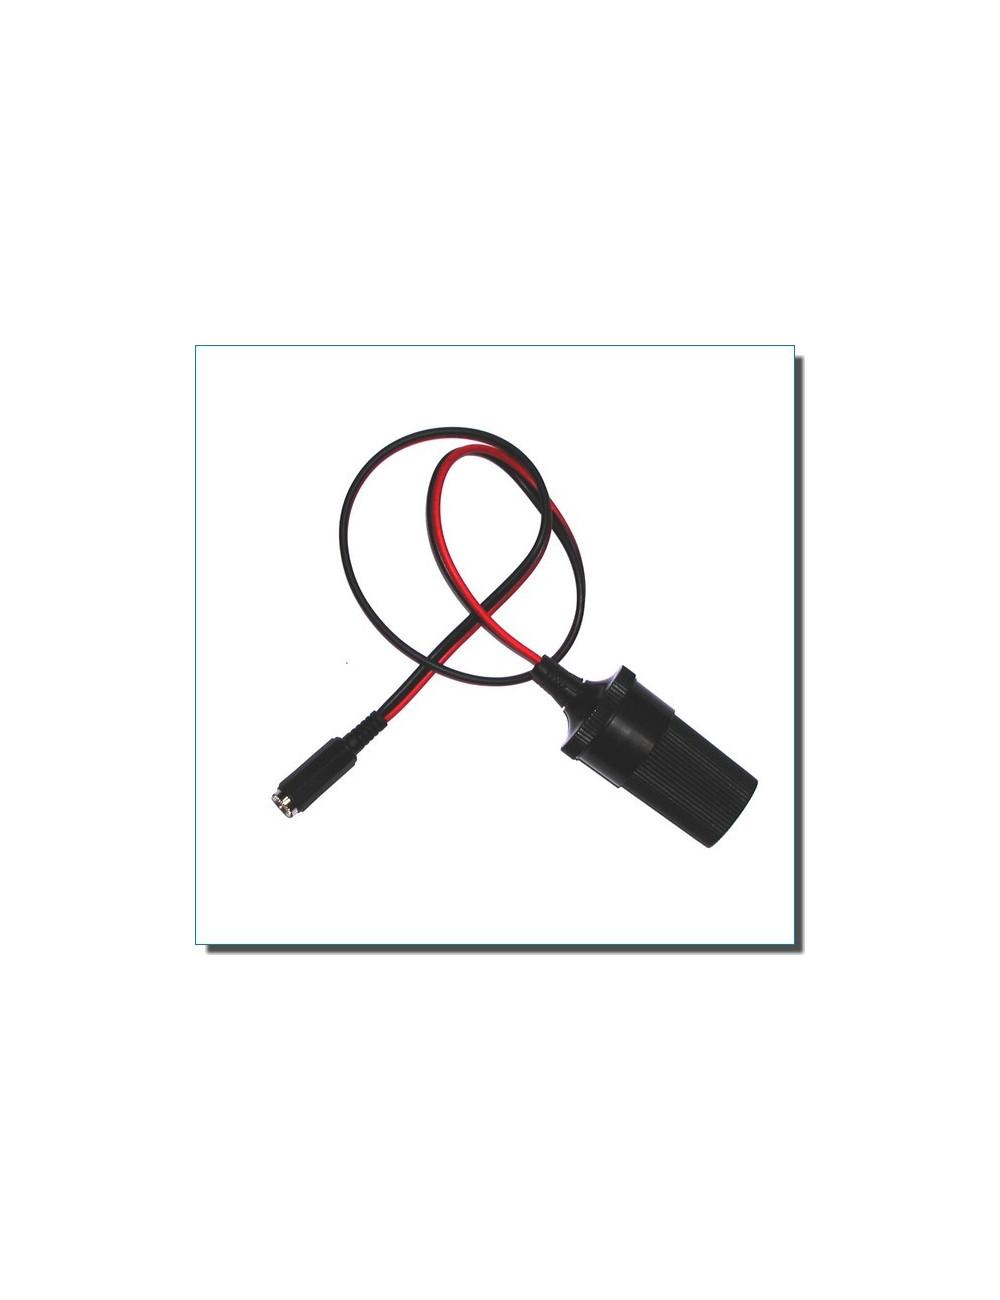 Câble 12 Volts allume-cigare/Jack 5.5-2.5mm